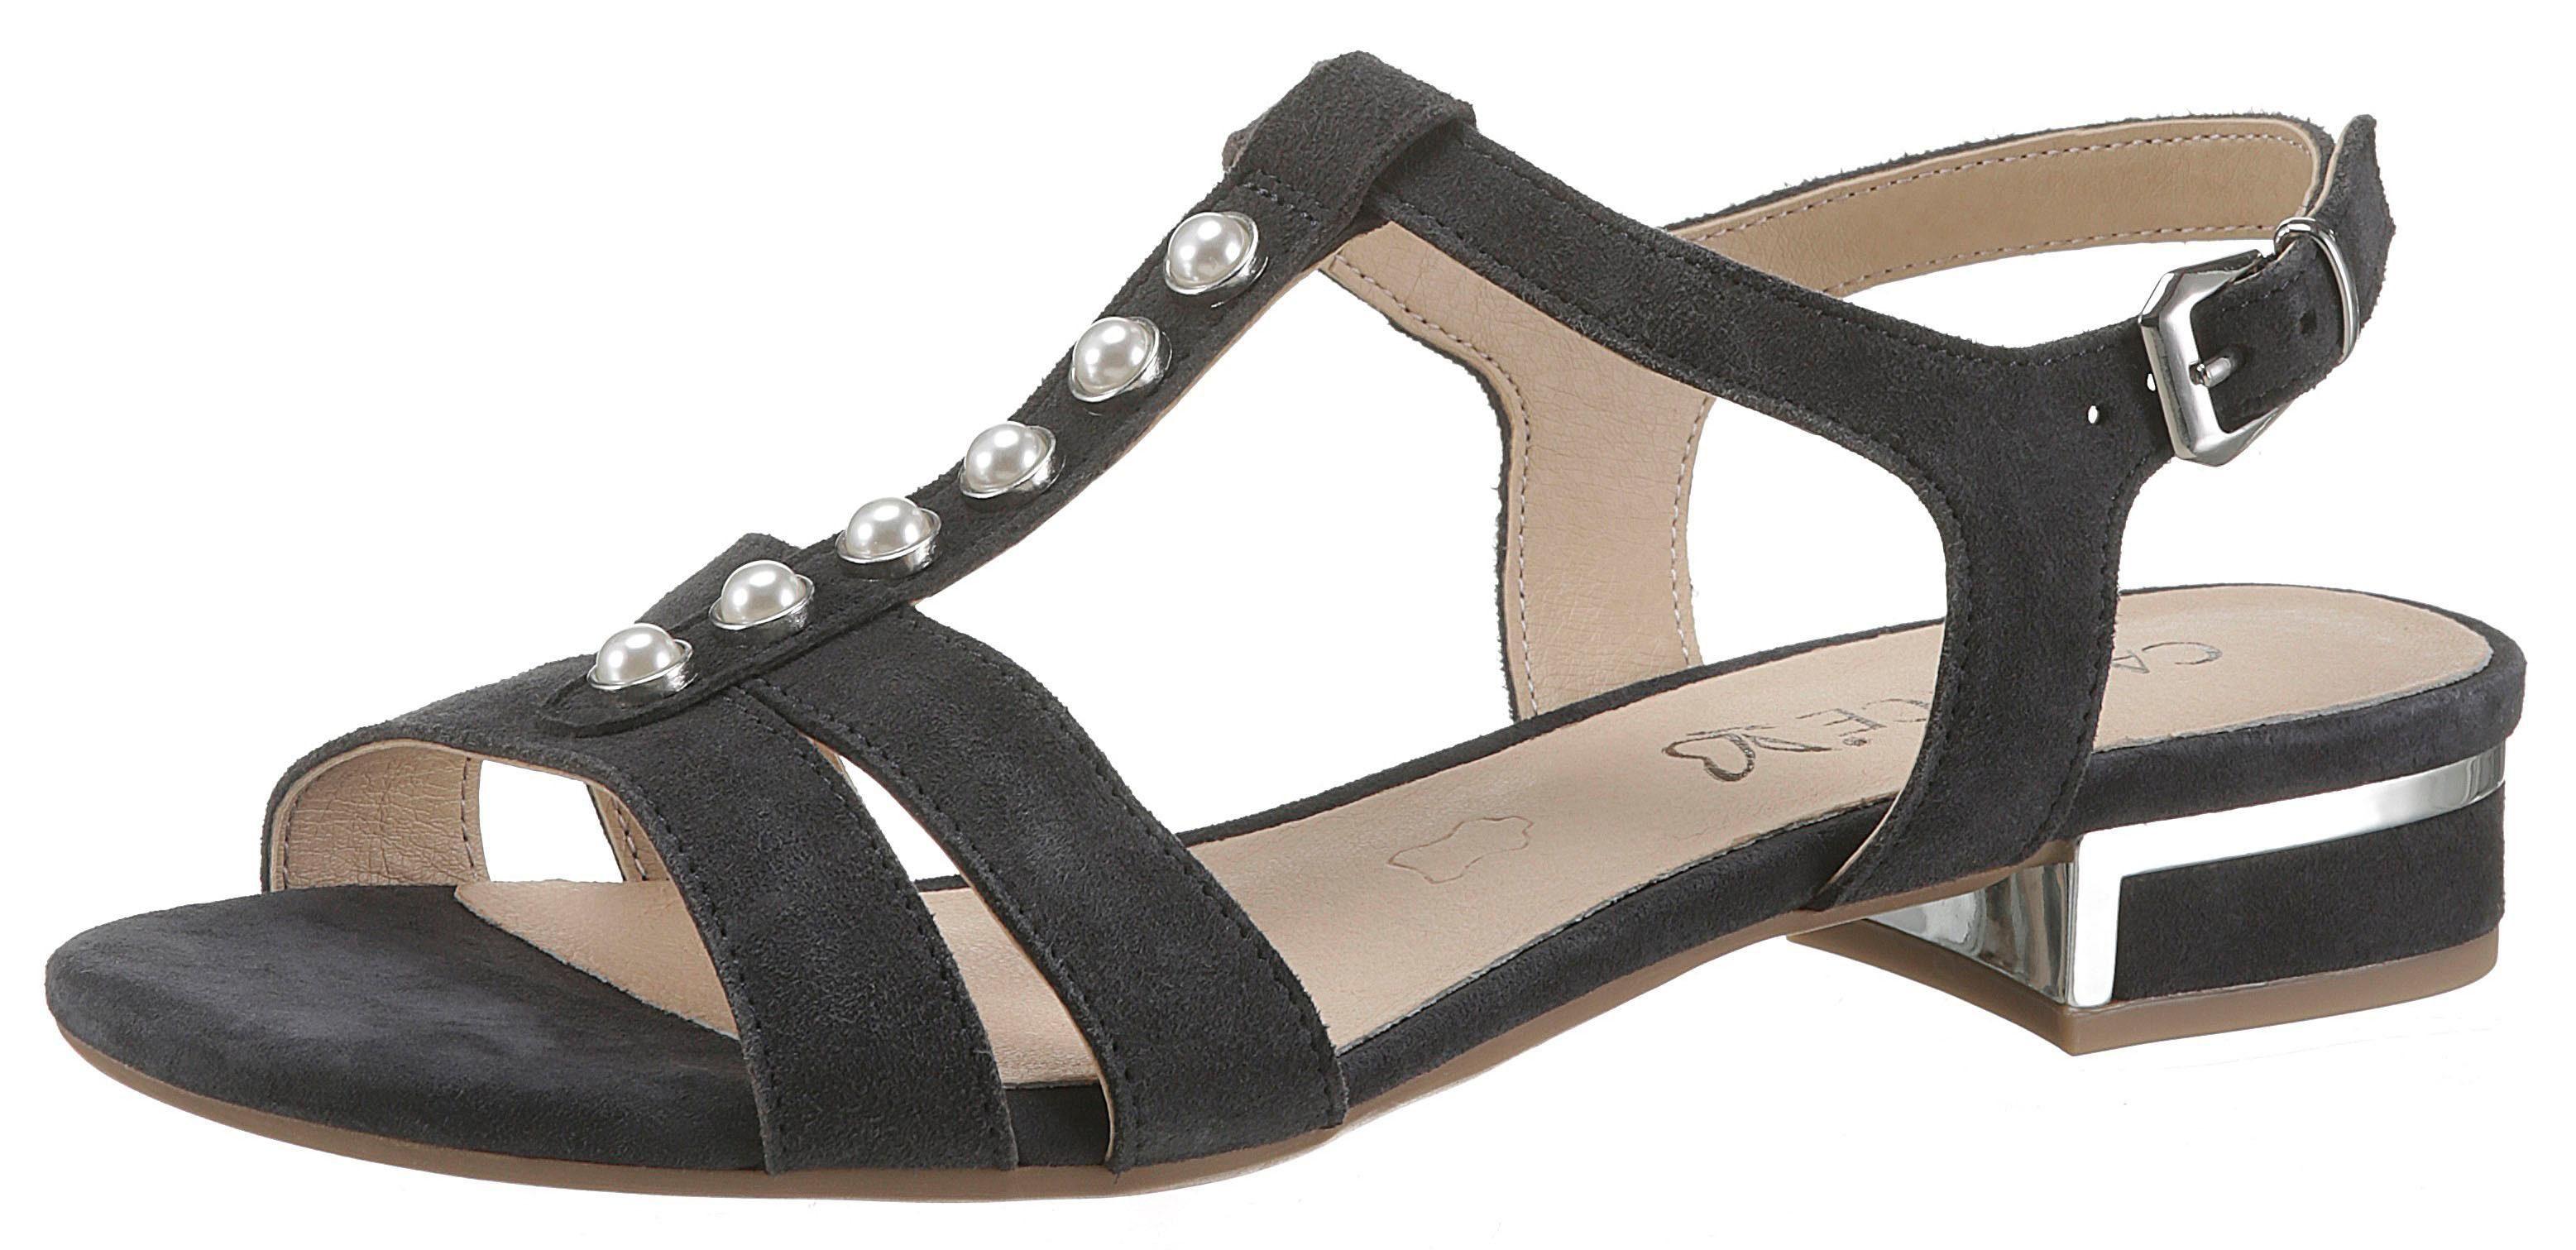 Caprice Sandalette mit Zierperlen geschmückt